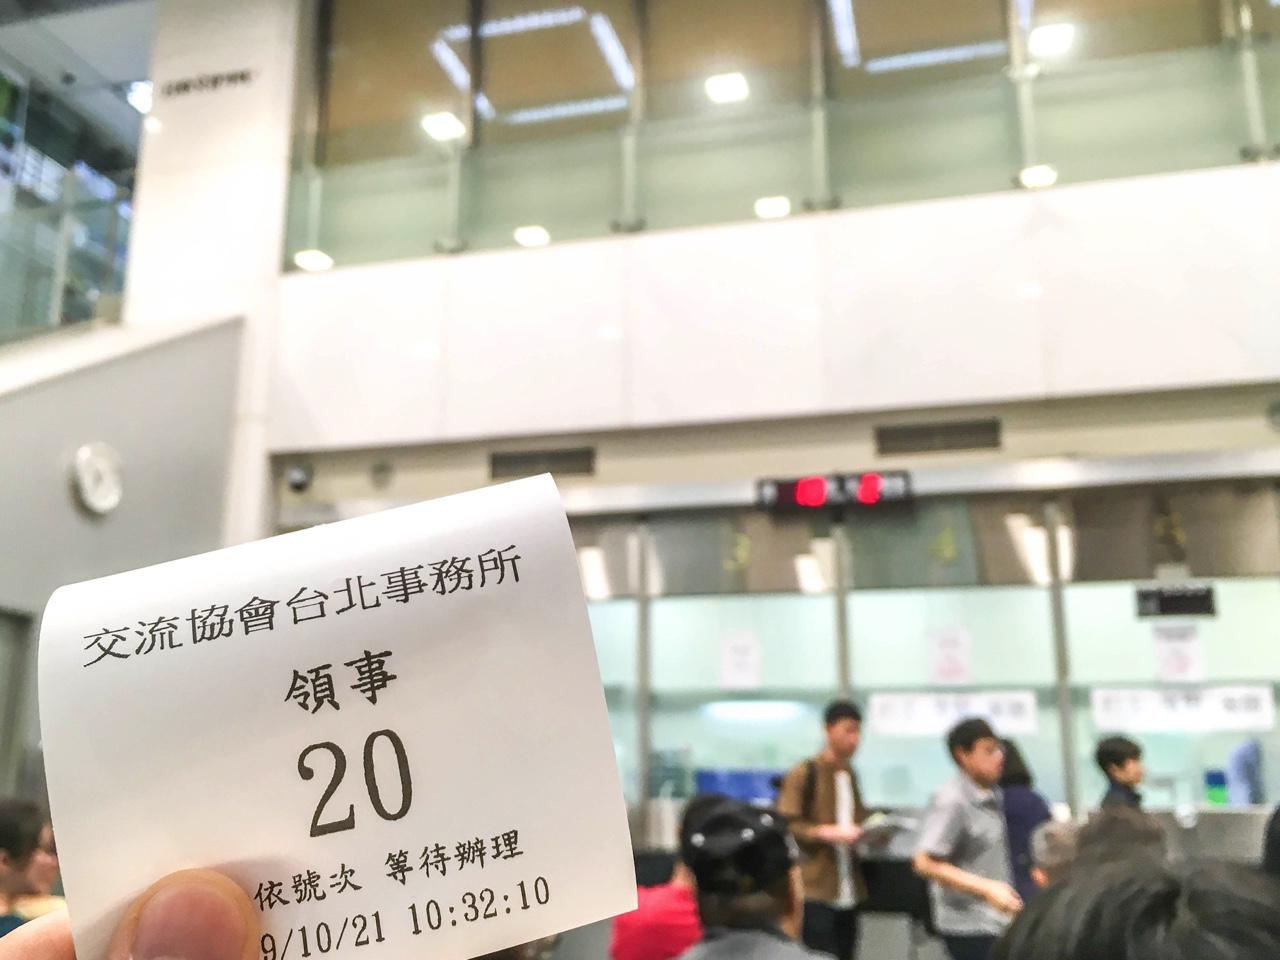 日本台湾交流協会の整理券